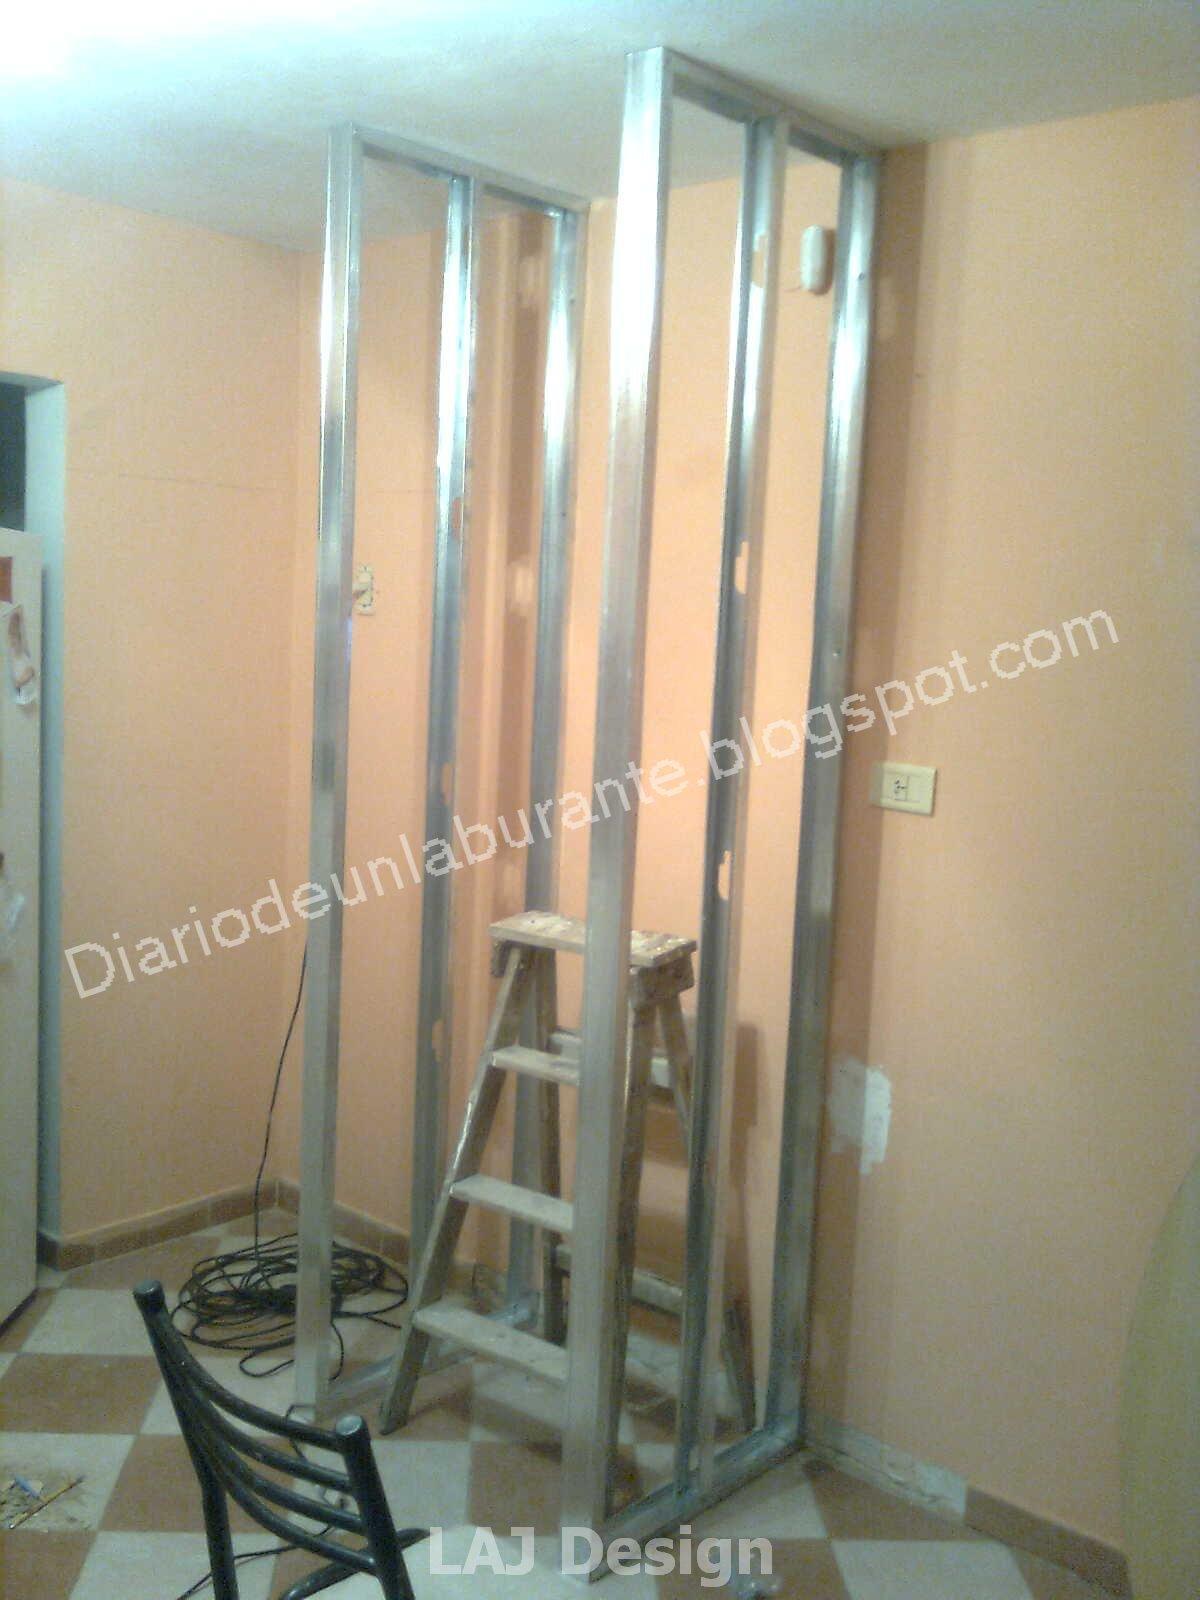 Diario de un laburante mueble durlock en la cocina parte 1 for Montar pared de pladur